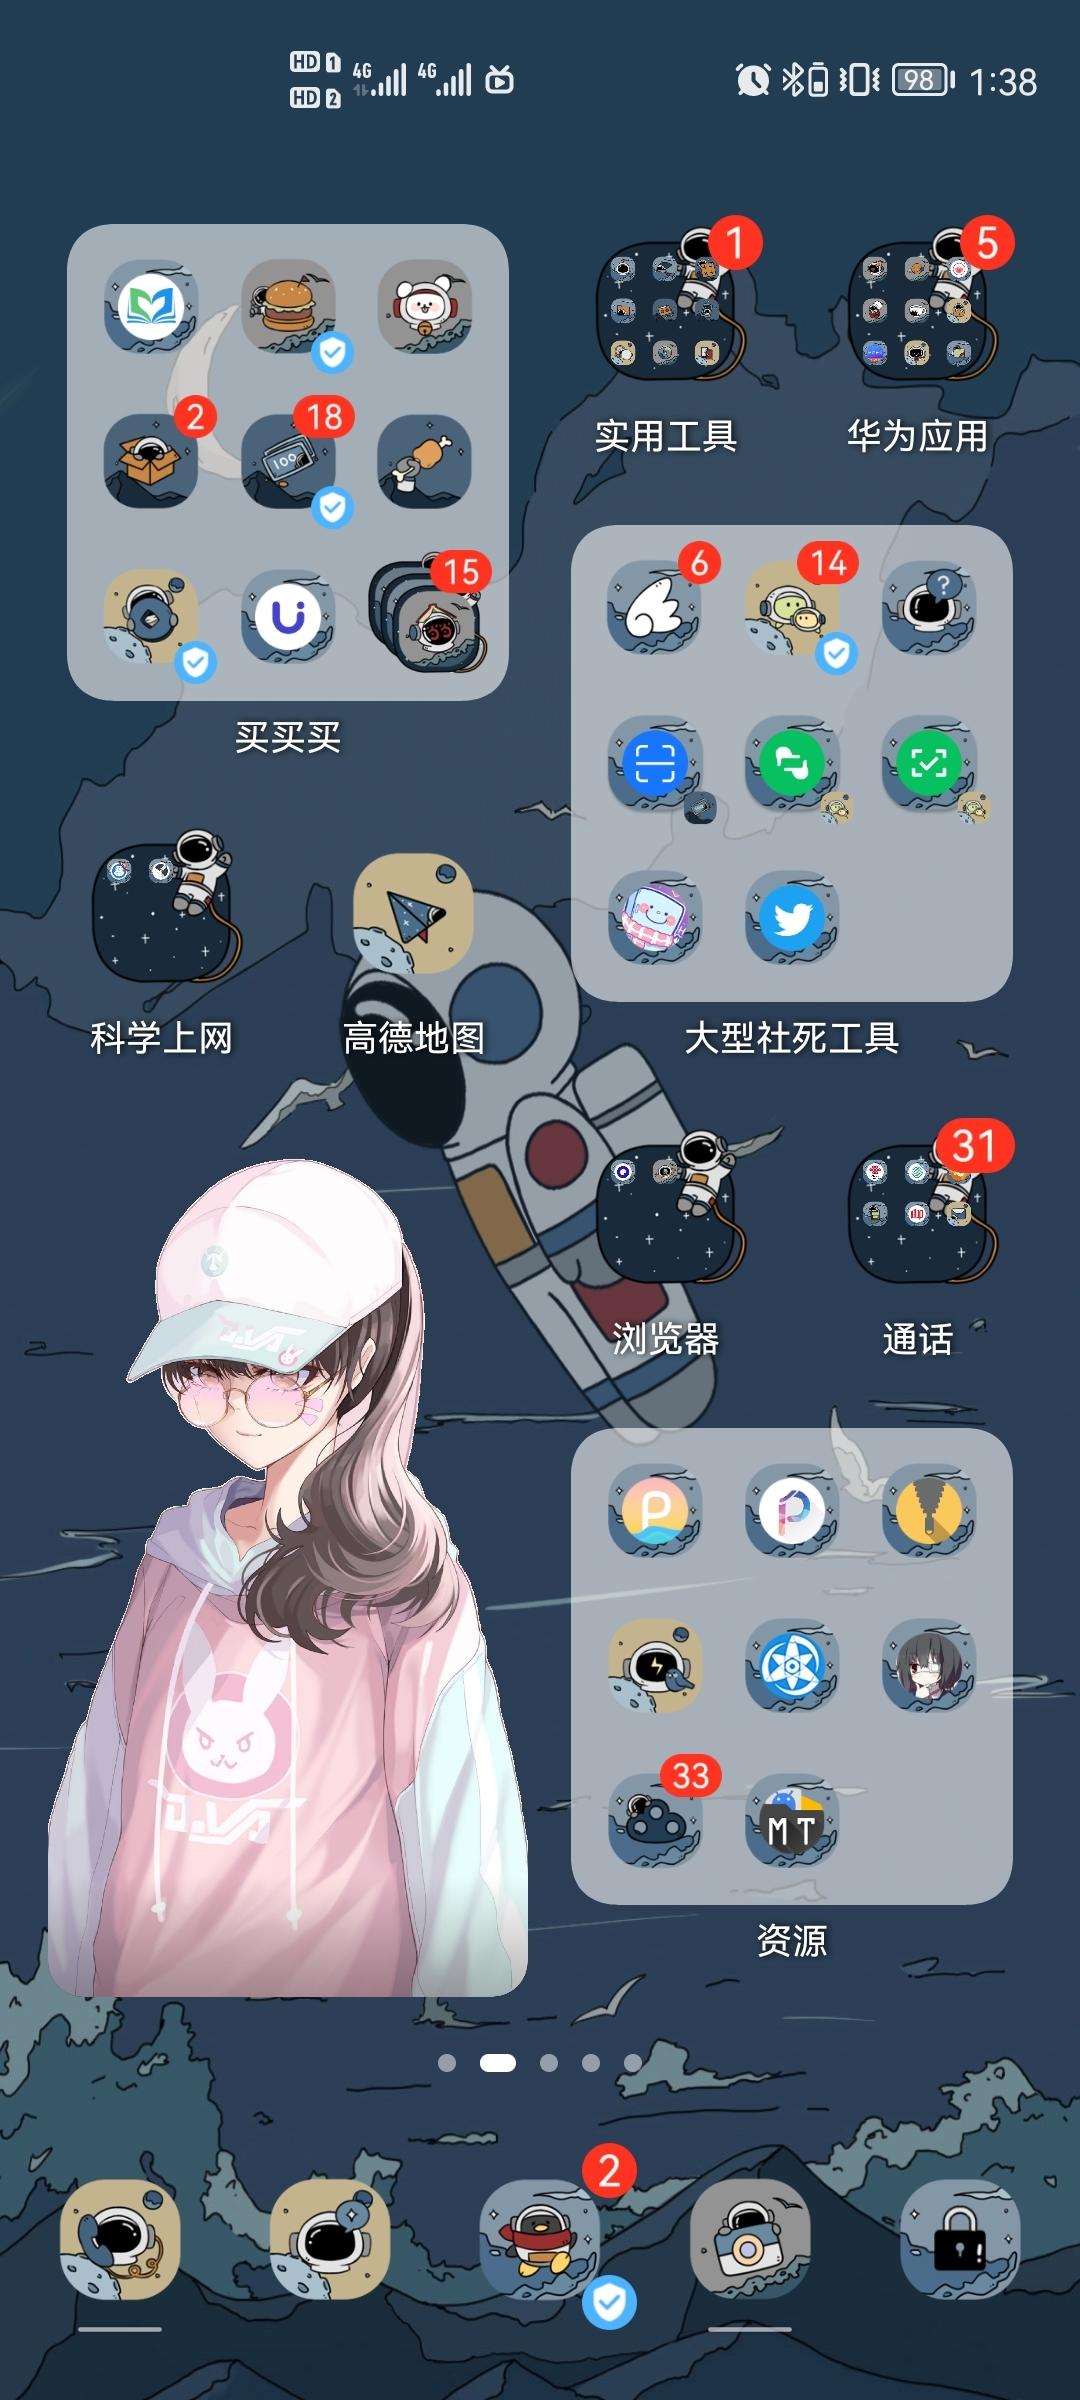 Screenshot_20210808_013835_com.huawei.android.launcher.jpg